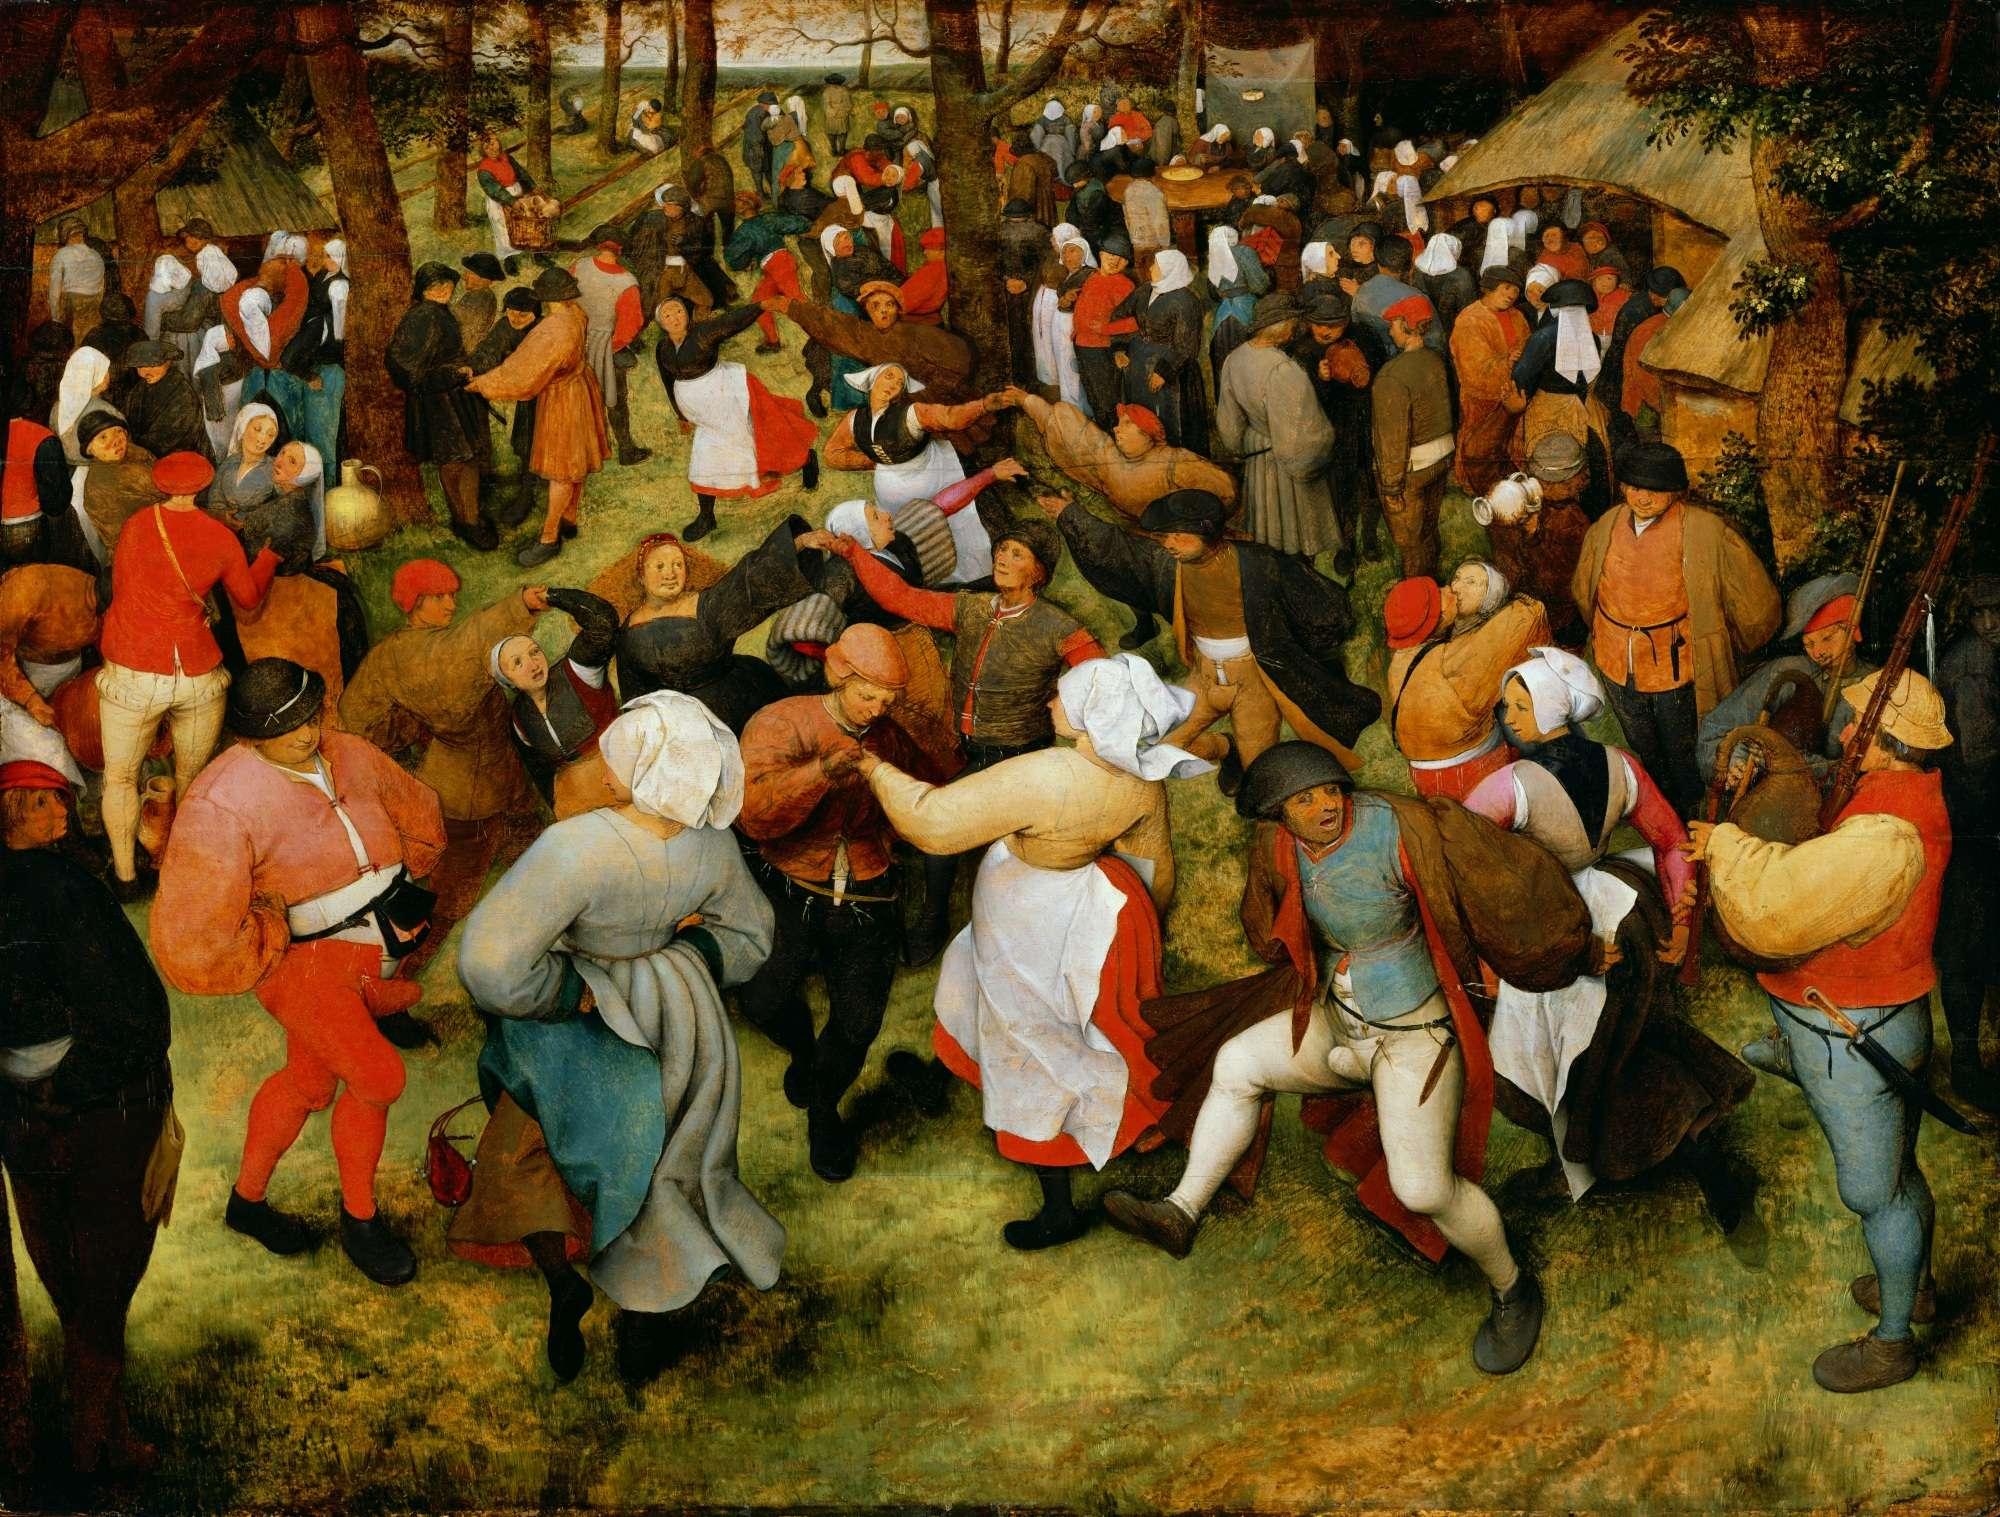 Πίτερ Μπρίγκελ ο πρεσβύτερος (περ. 1525-1530 - Βρυξέλλες, 1569).